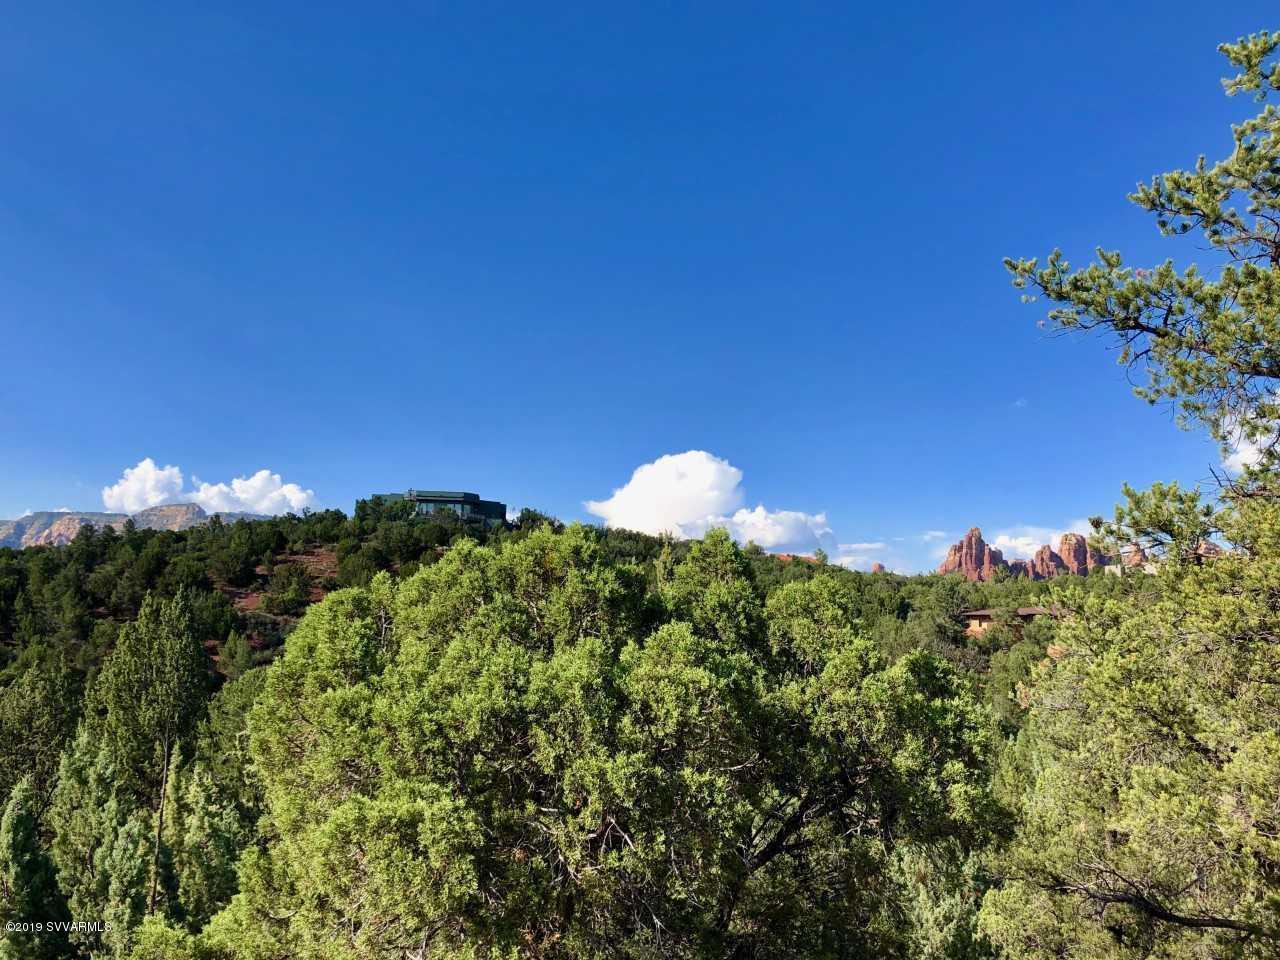 50 Lake Sedona, AZ 86336